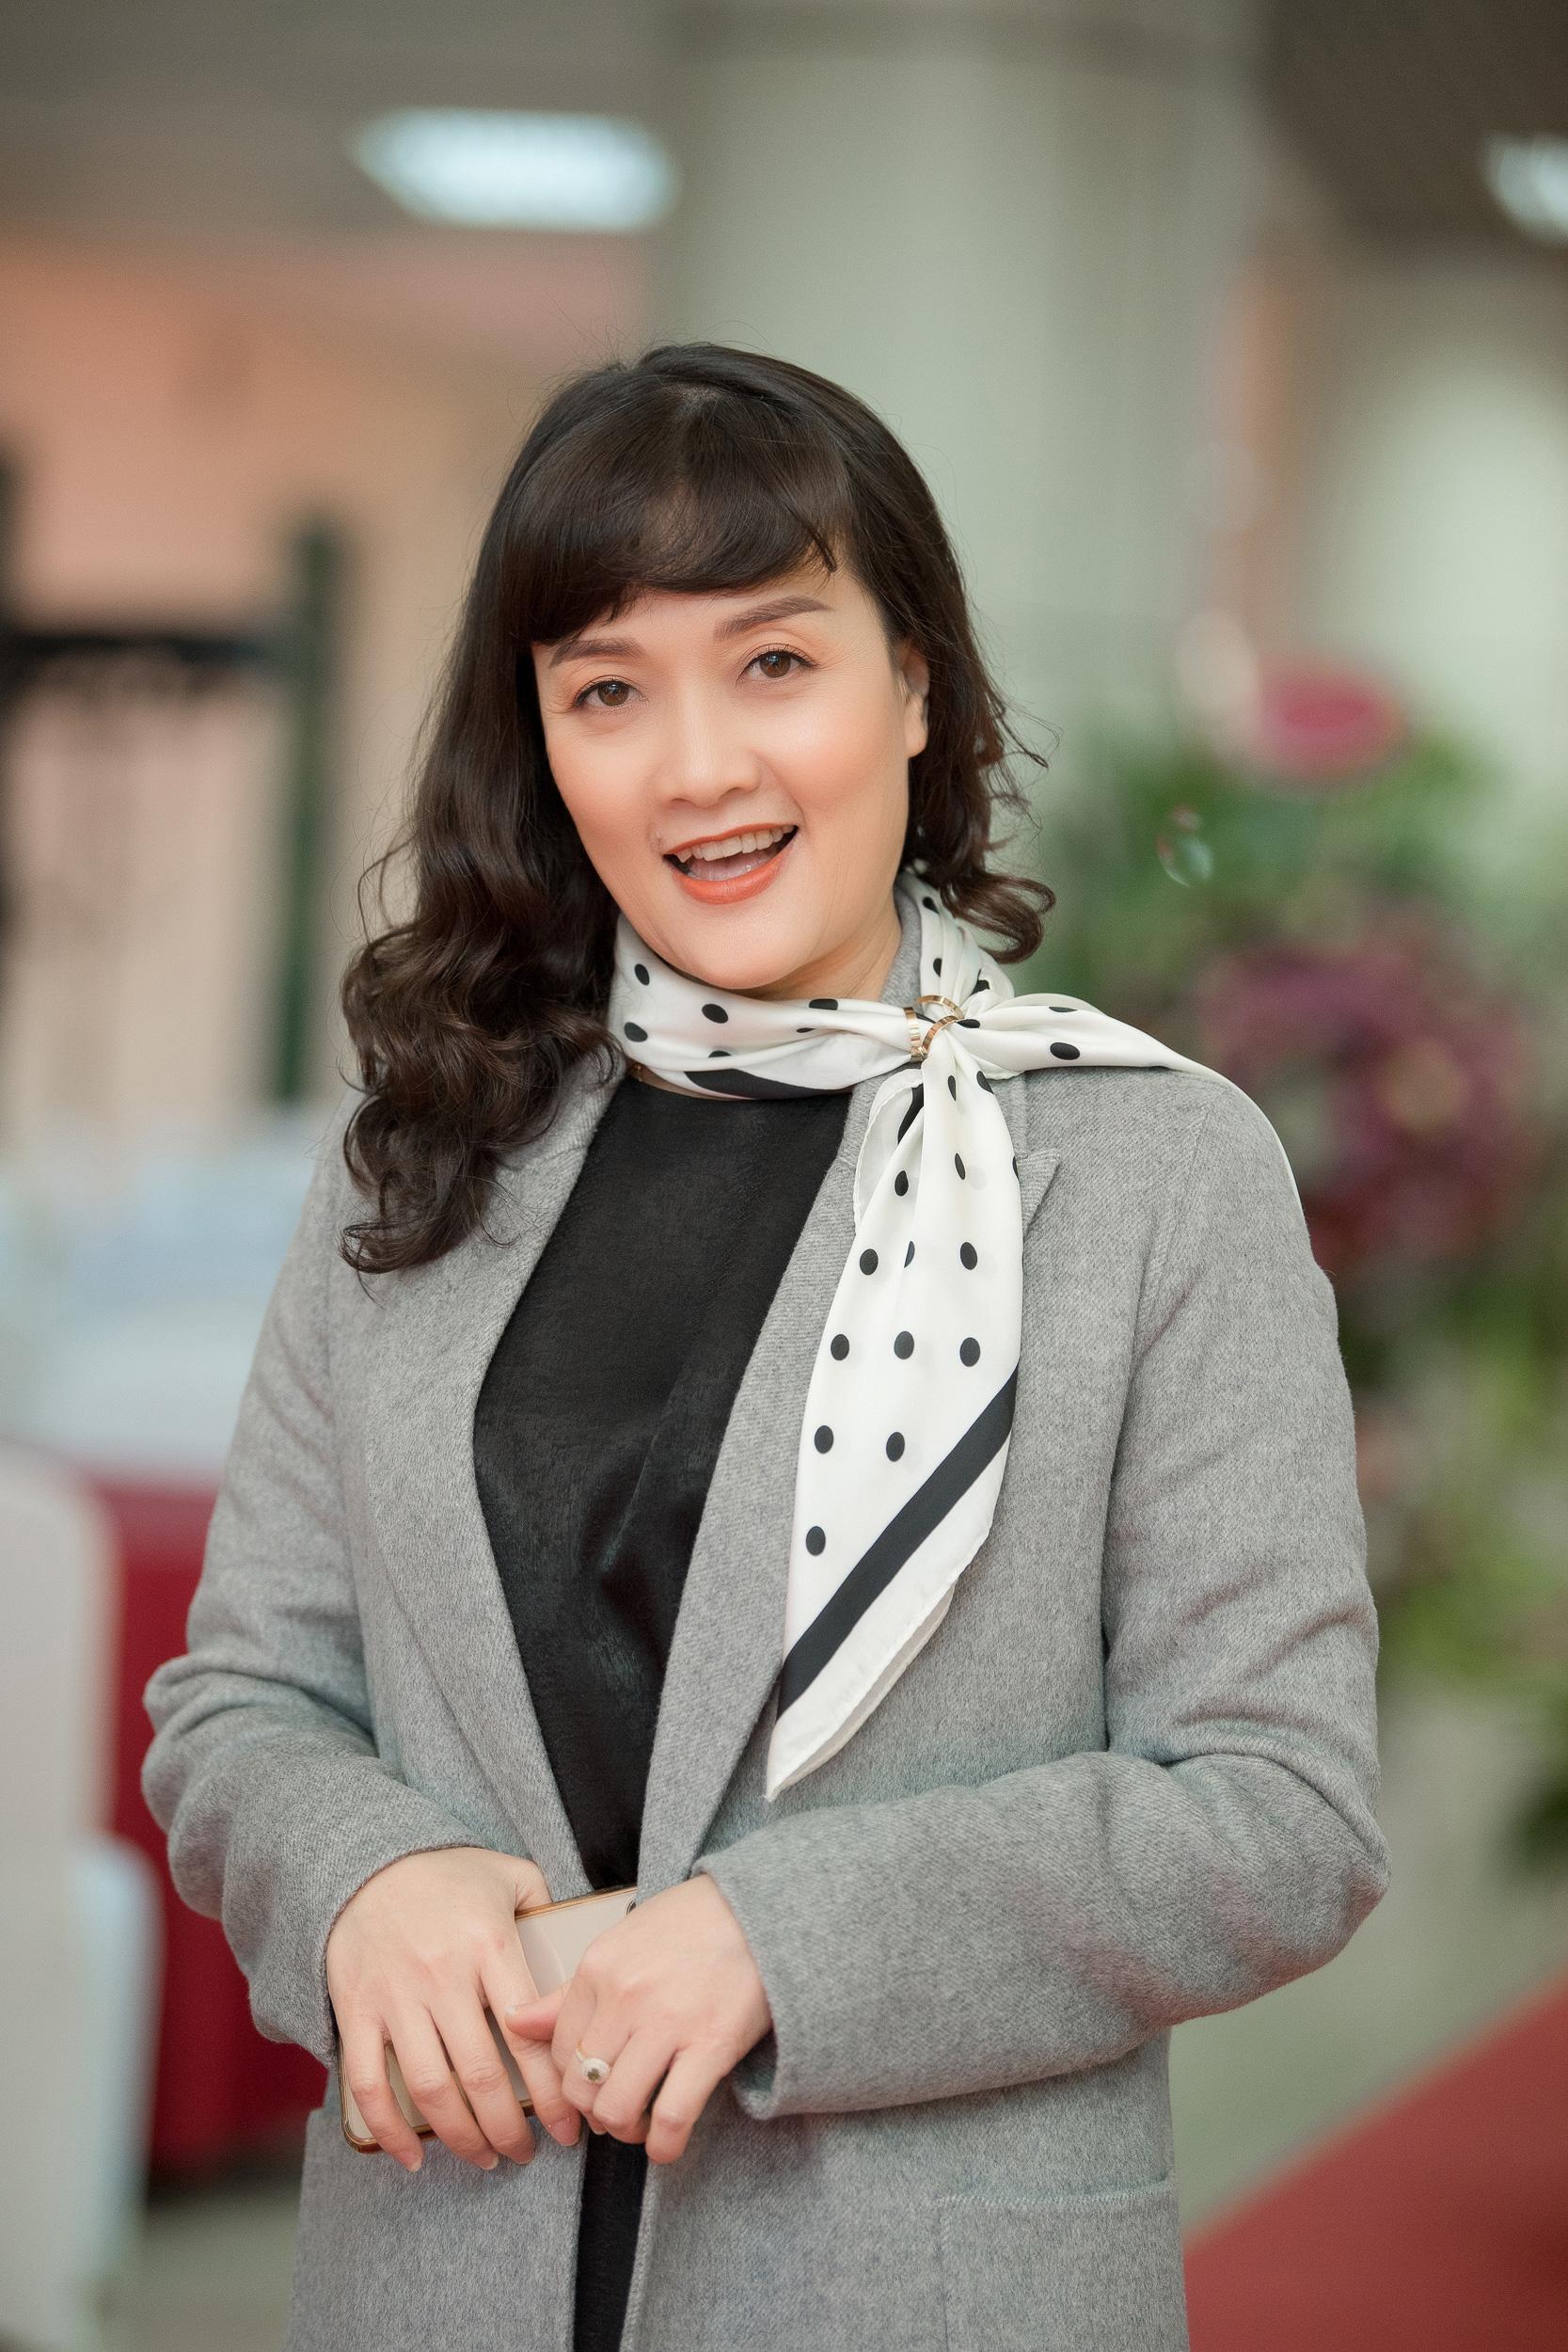 Dàn sao Việt chúc Tết 2020 độc giả báo điện tử Tổ Quốc  - Ảnh 5.